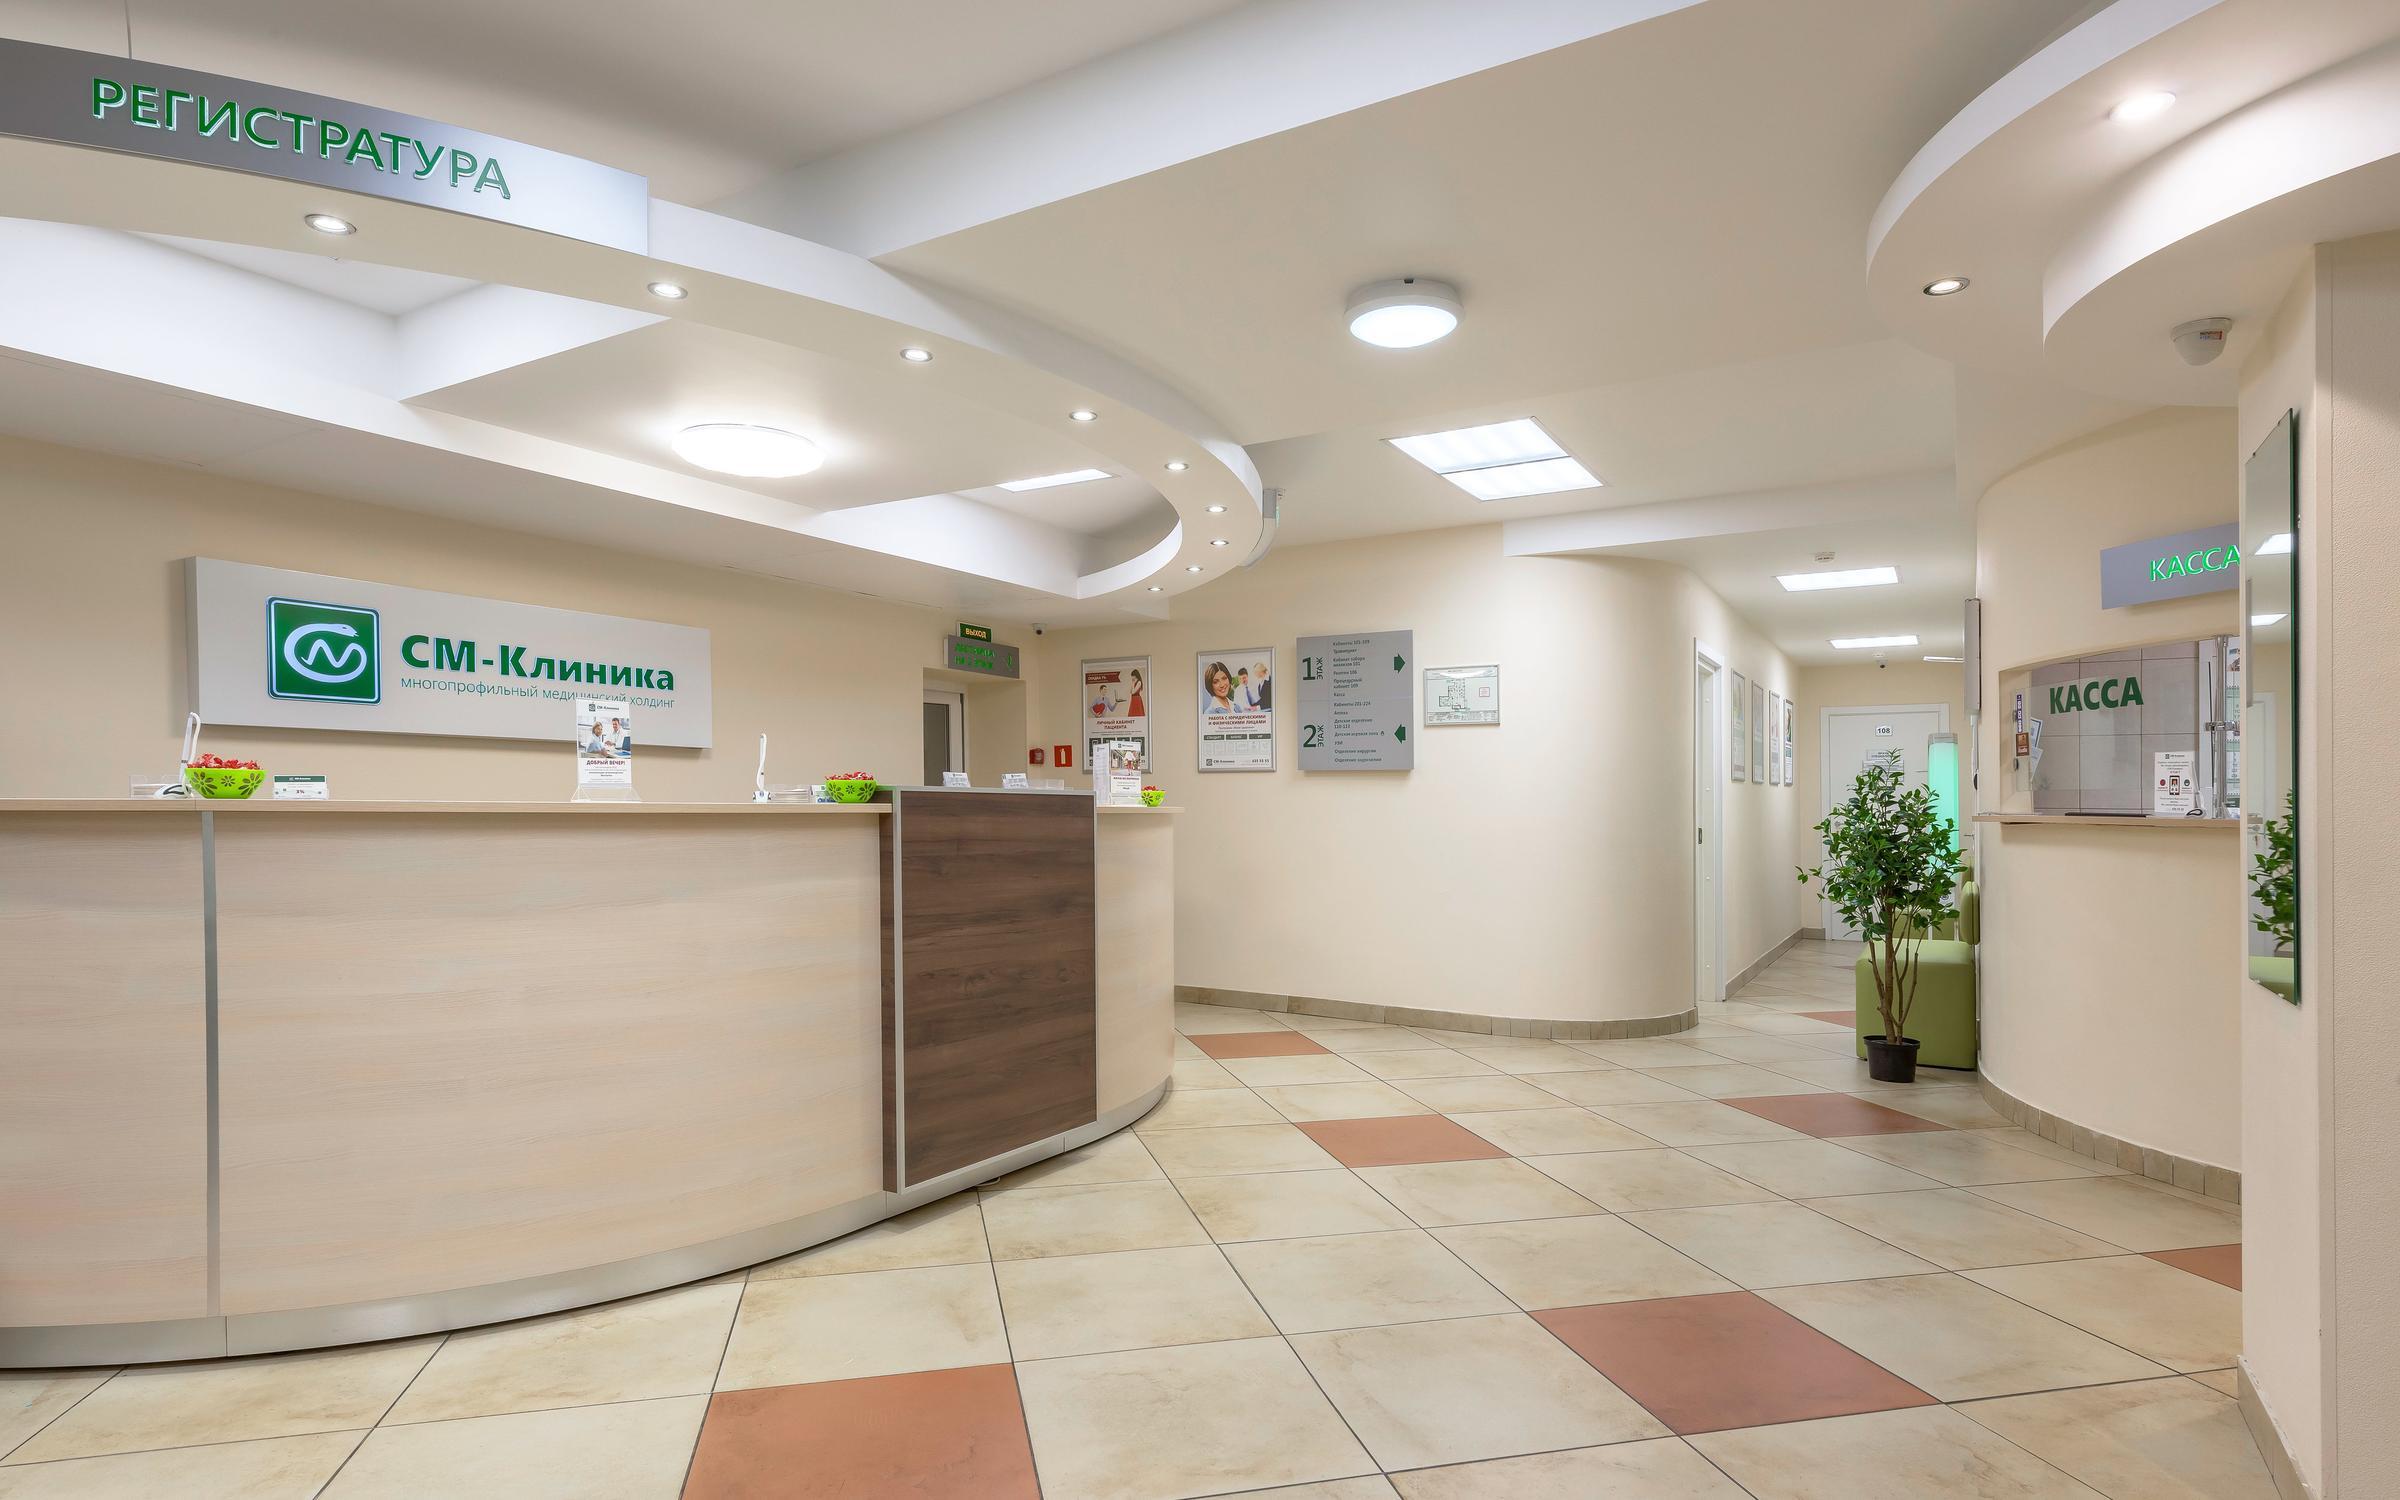 фотография Медицинского центра СМ-Клиника на проспекте Ударников